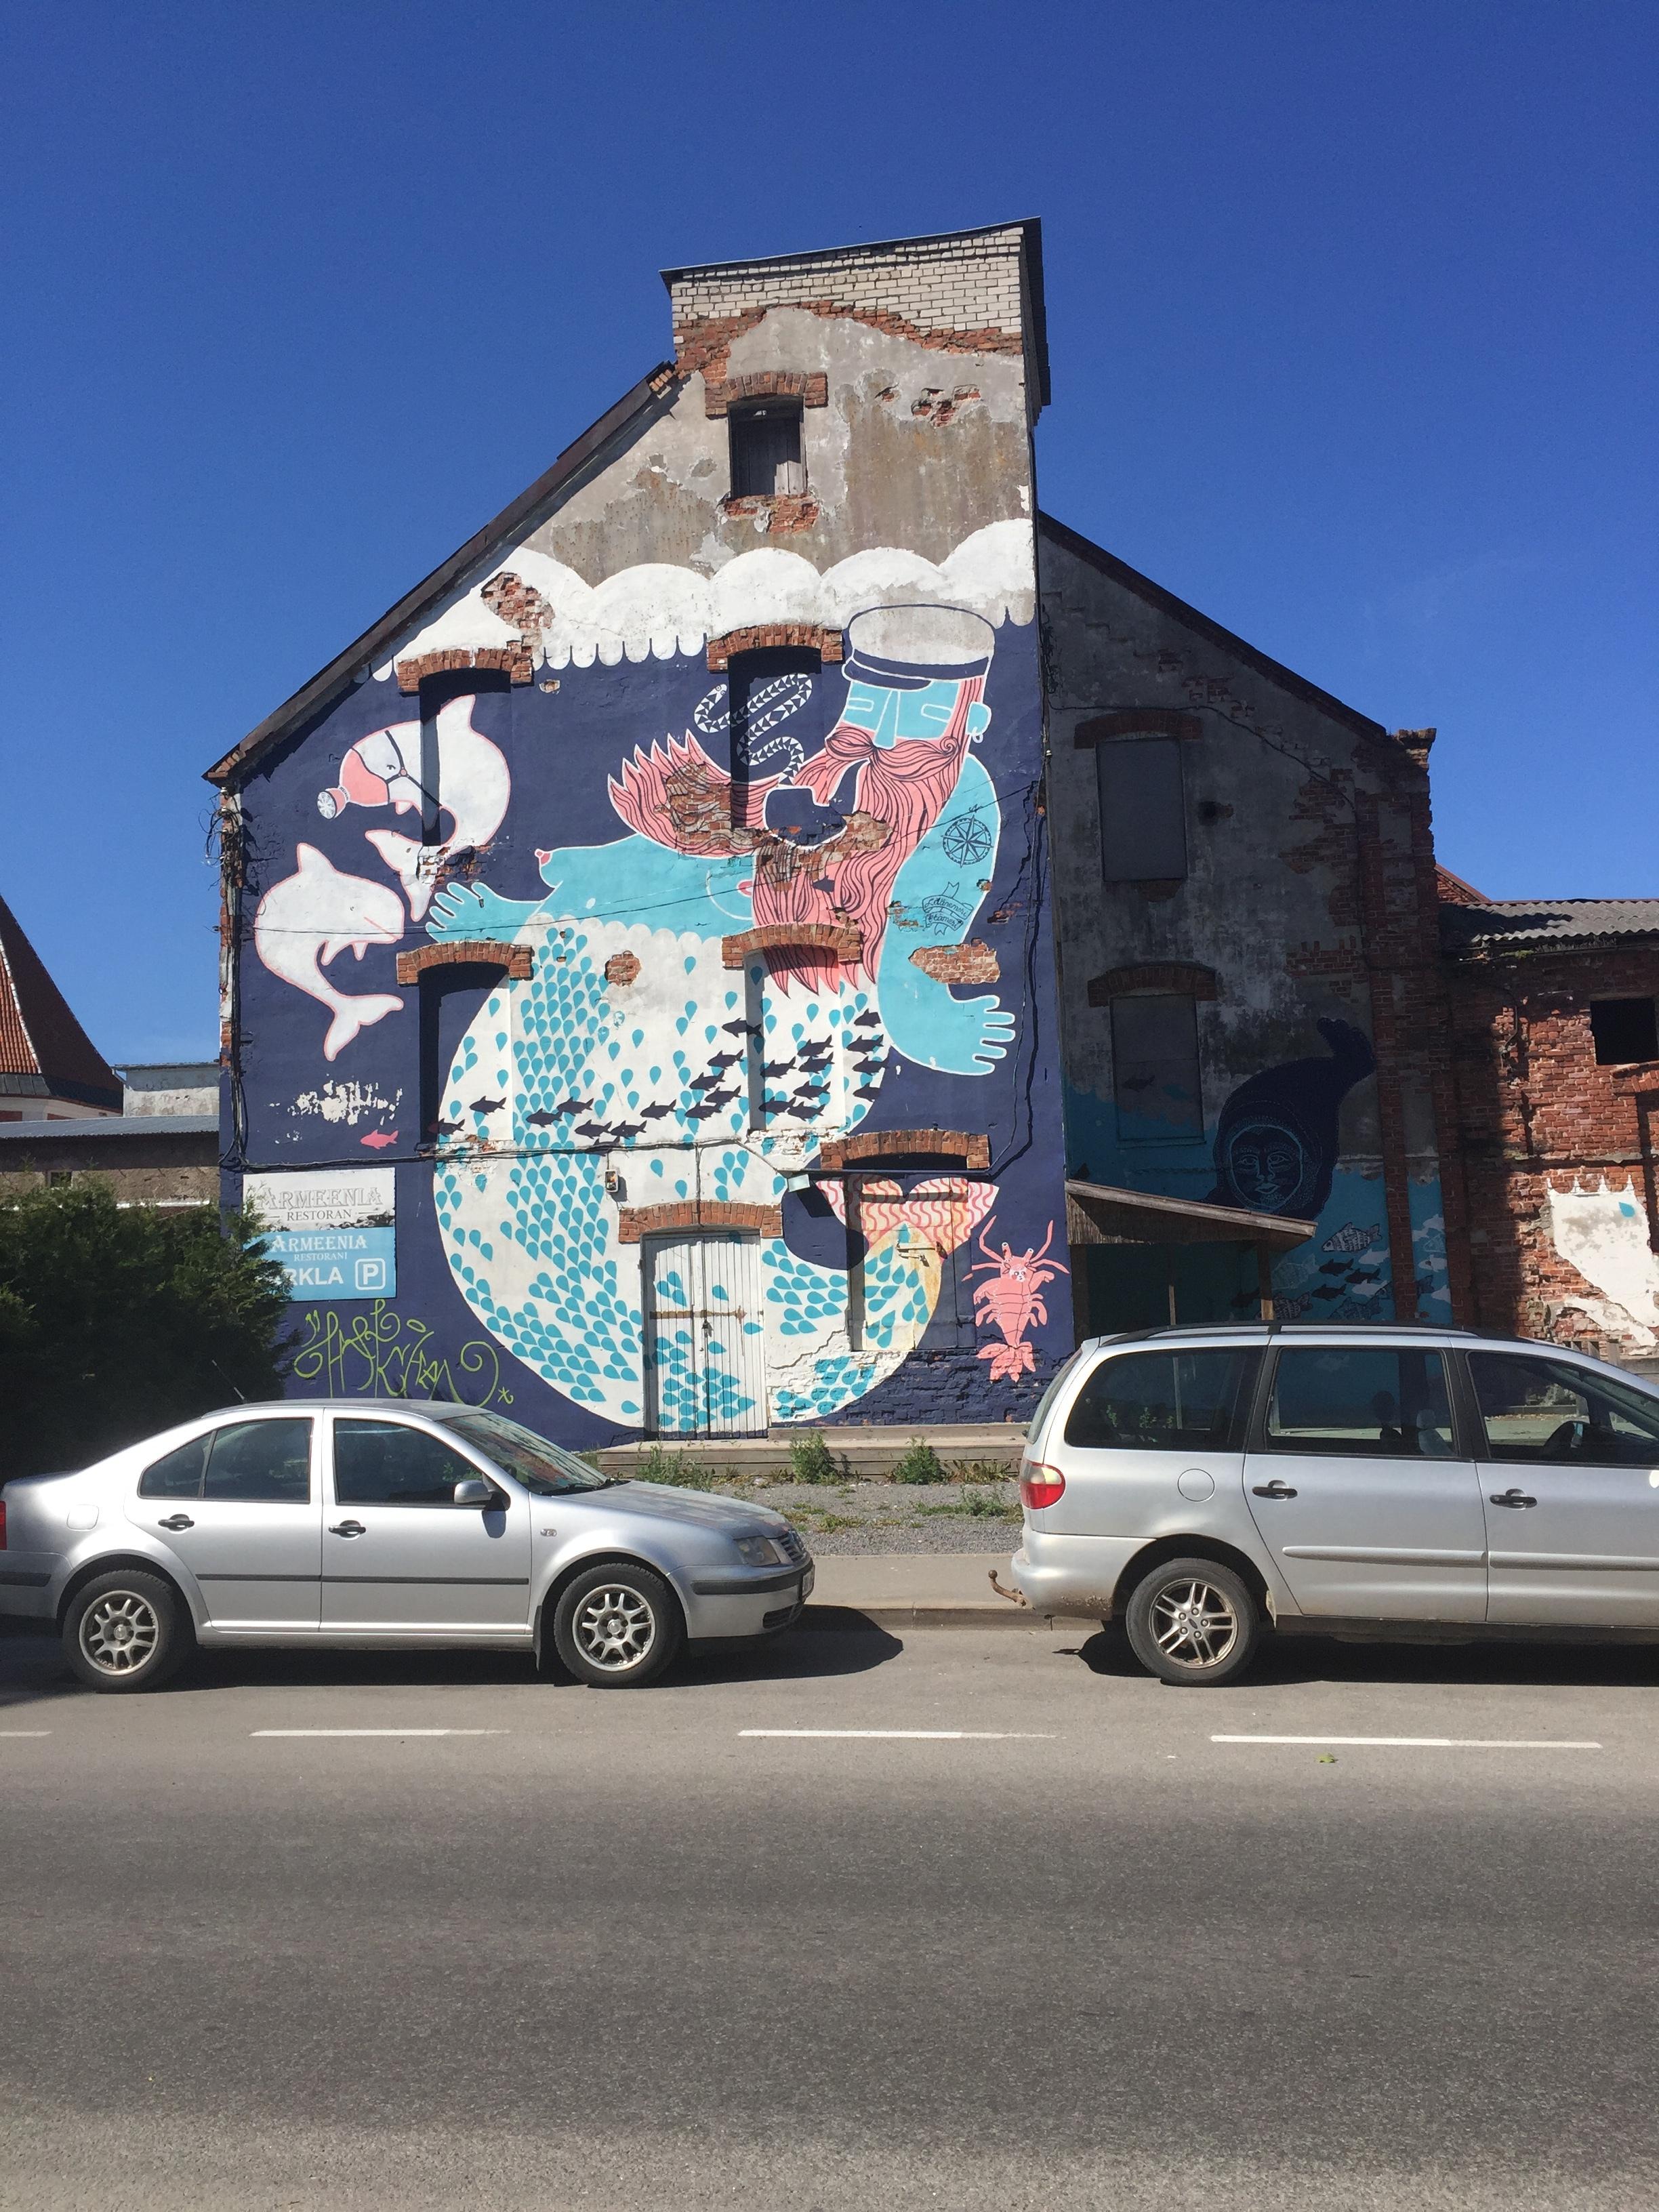 Murals like these were everywhere